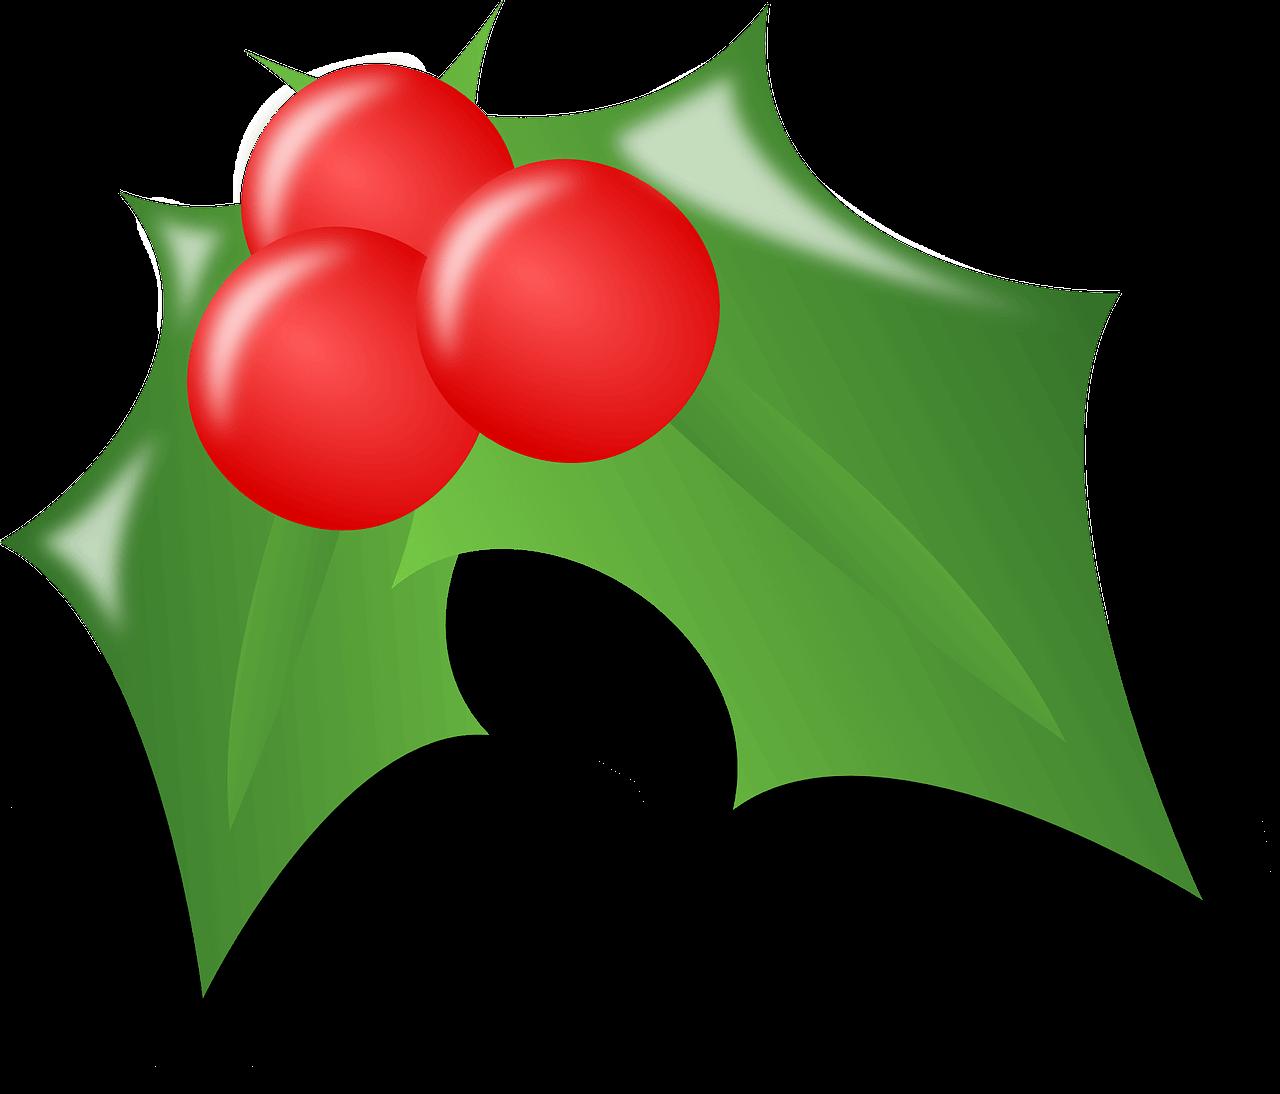 festive period